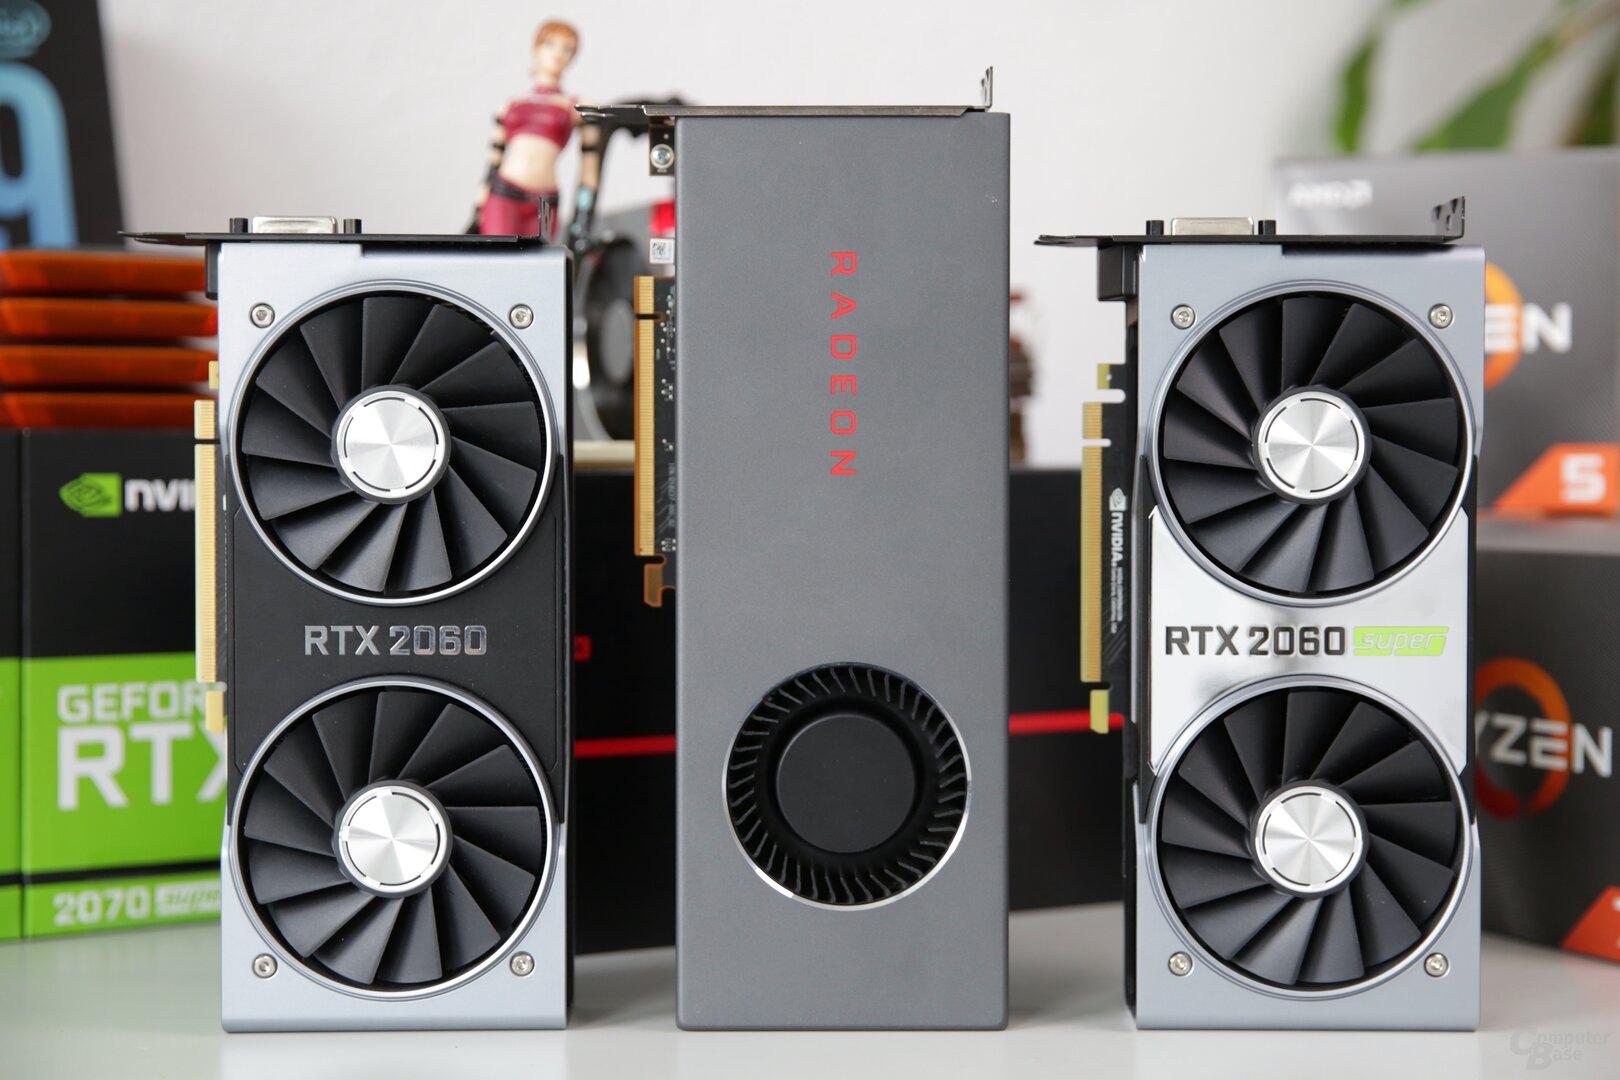 Radeon RX 5700 liegt bei der Leistung zwischen RTX 2060 und 2060 Super